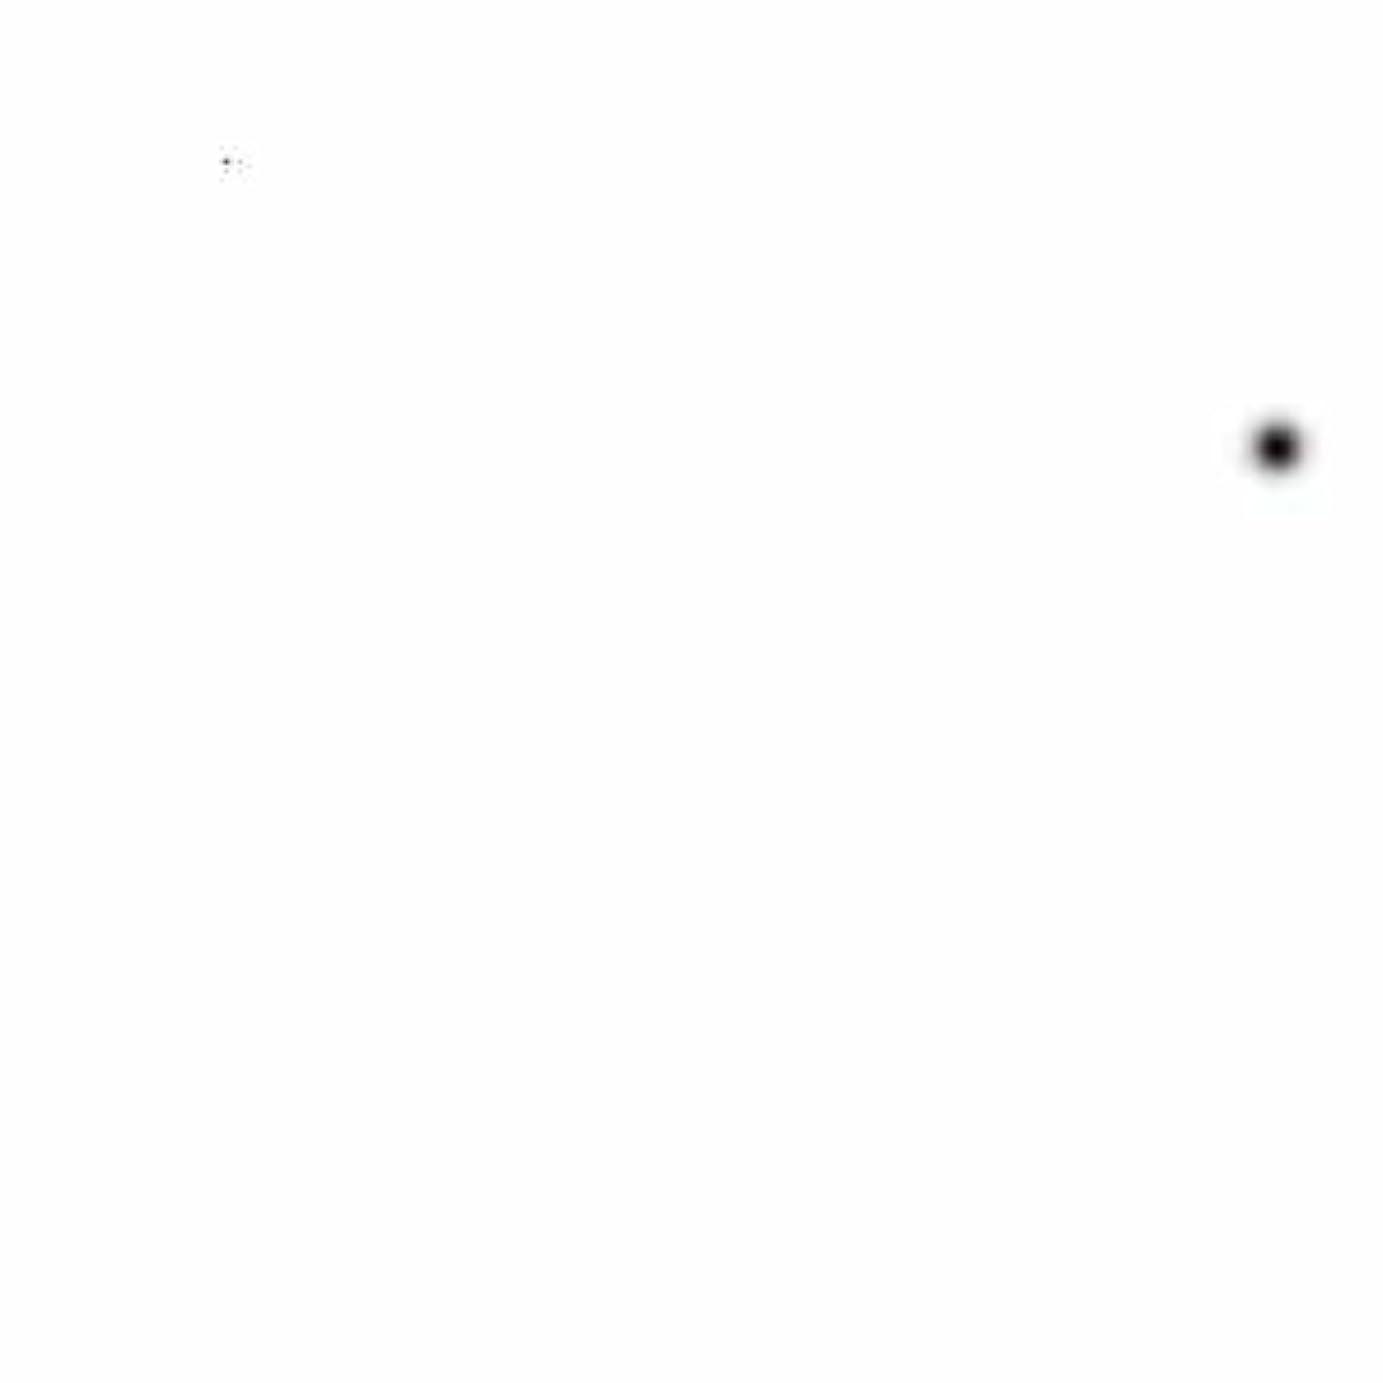 スプリットエリート告白するオールドスパイス Swagger ボディーウォッシュ 2個セット [並行輸入品]